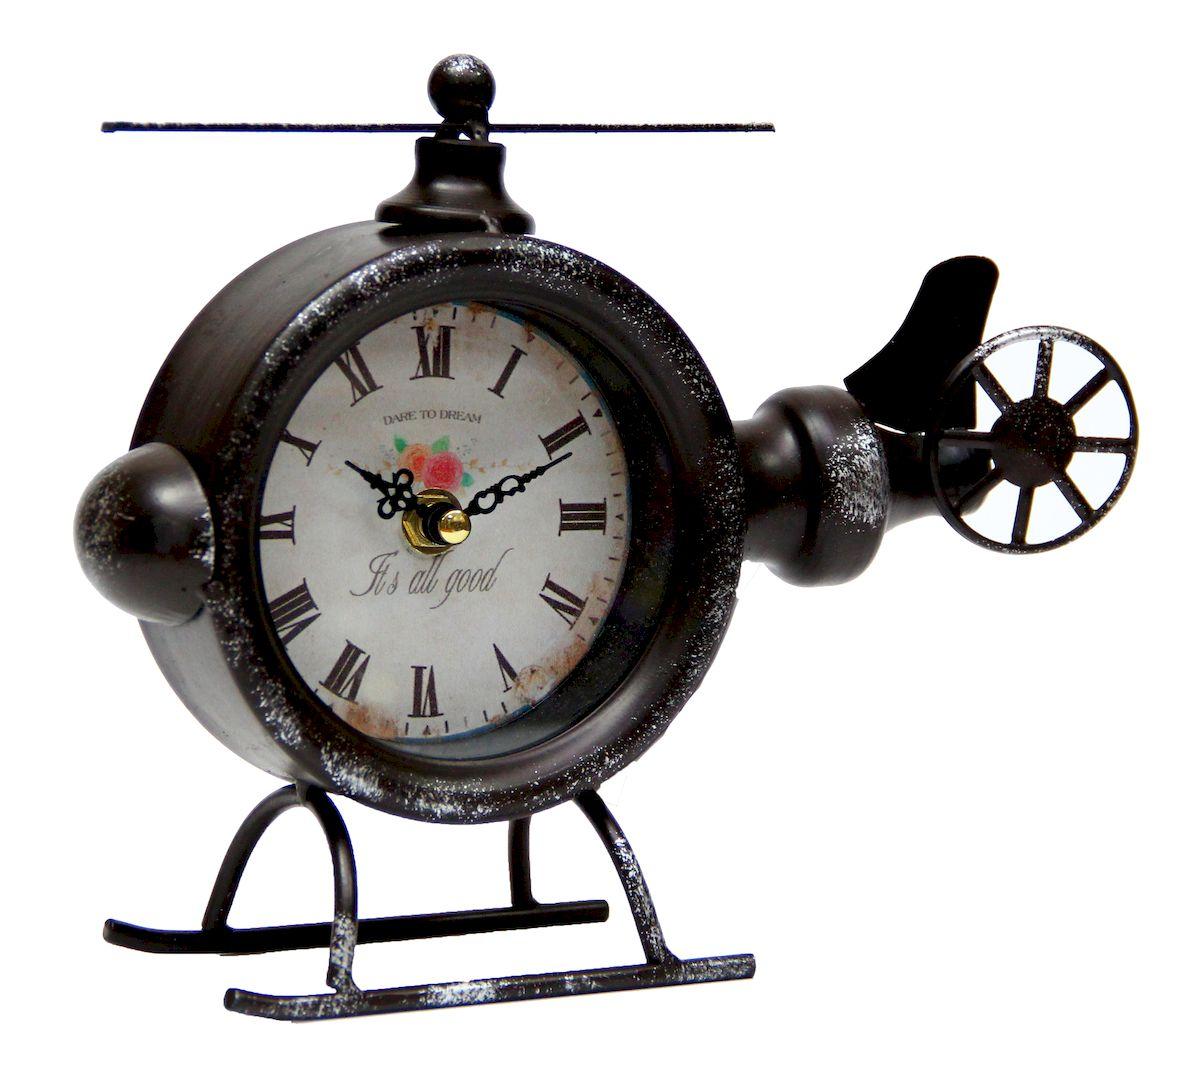 Часы настольные Magic Home Вертолет, кварцевые, цвет: черныйSC - WCD10PНастольные кварцевые часы Magic Home Вертолет изготовлены из металла черного цвета, циферблат из черного металла с покрытием из принтованной бумаги. Настольные часы Magic Home Вертолет прекрасно оформят интерьер дома или рабочий стол в офисе.Часы работают от одной батарейки типа АА мощностью 1,5V (не входит в комплект).